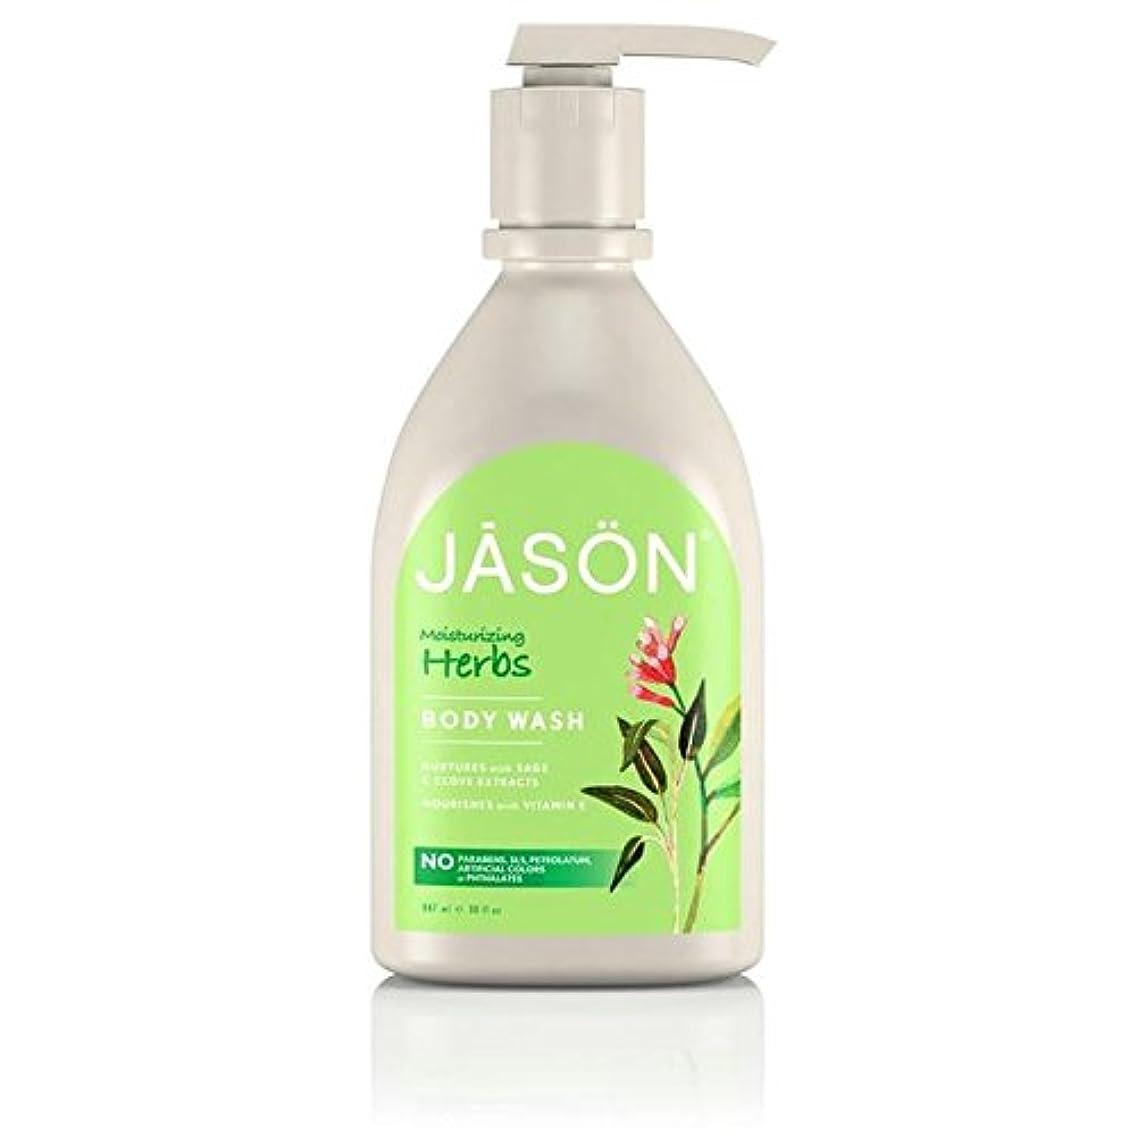 陸軍汚染されたサスティーンジェイソン・ハーブサテンボディウォッシュポンプ900ミリリットル x4 - Jason Herbal Satin Body Wash Pump 900ml (Pack of 4) [並行輸入品]